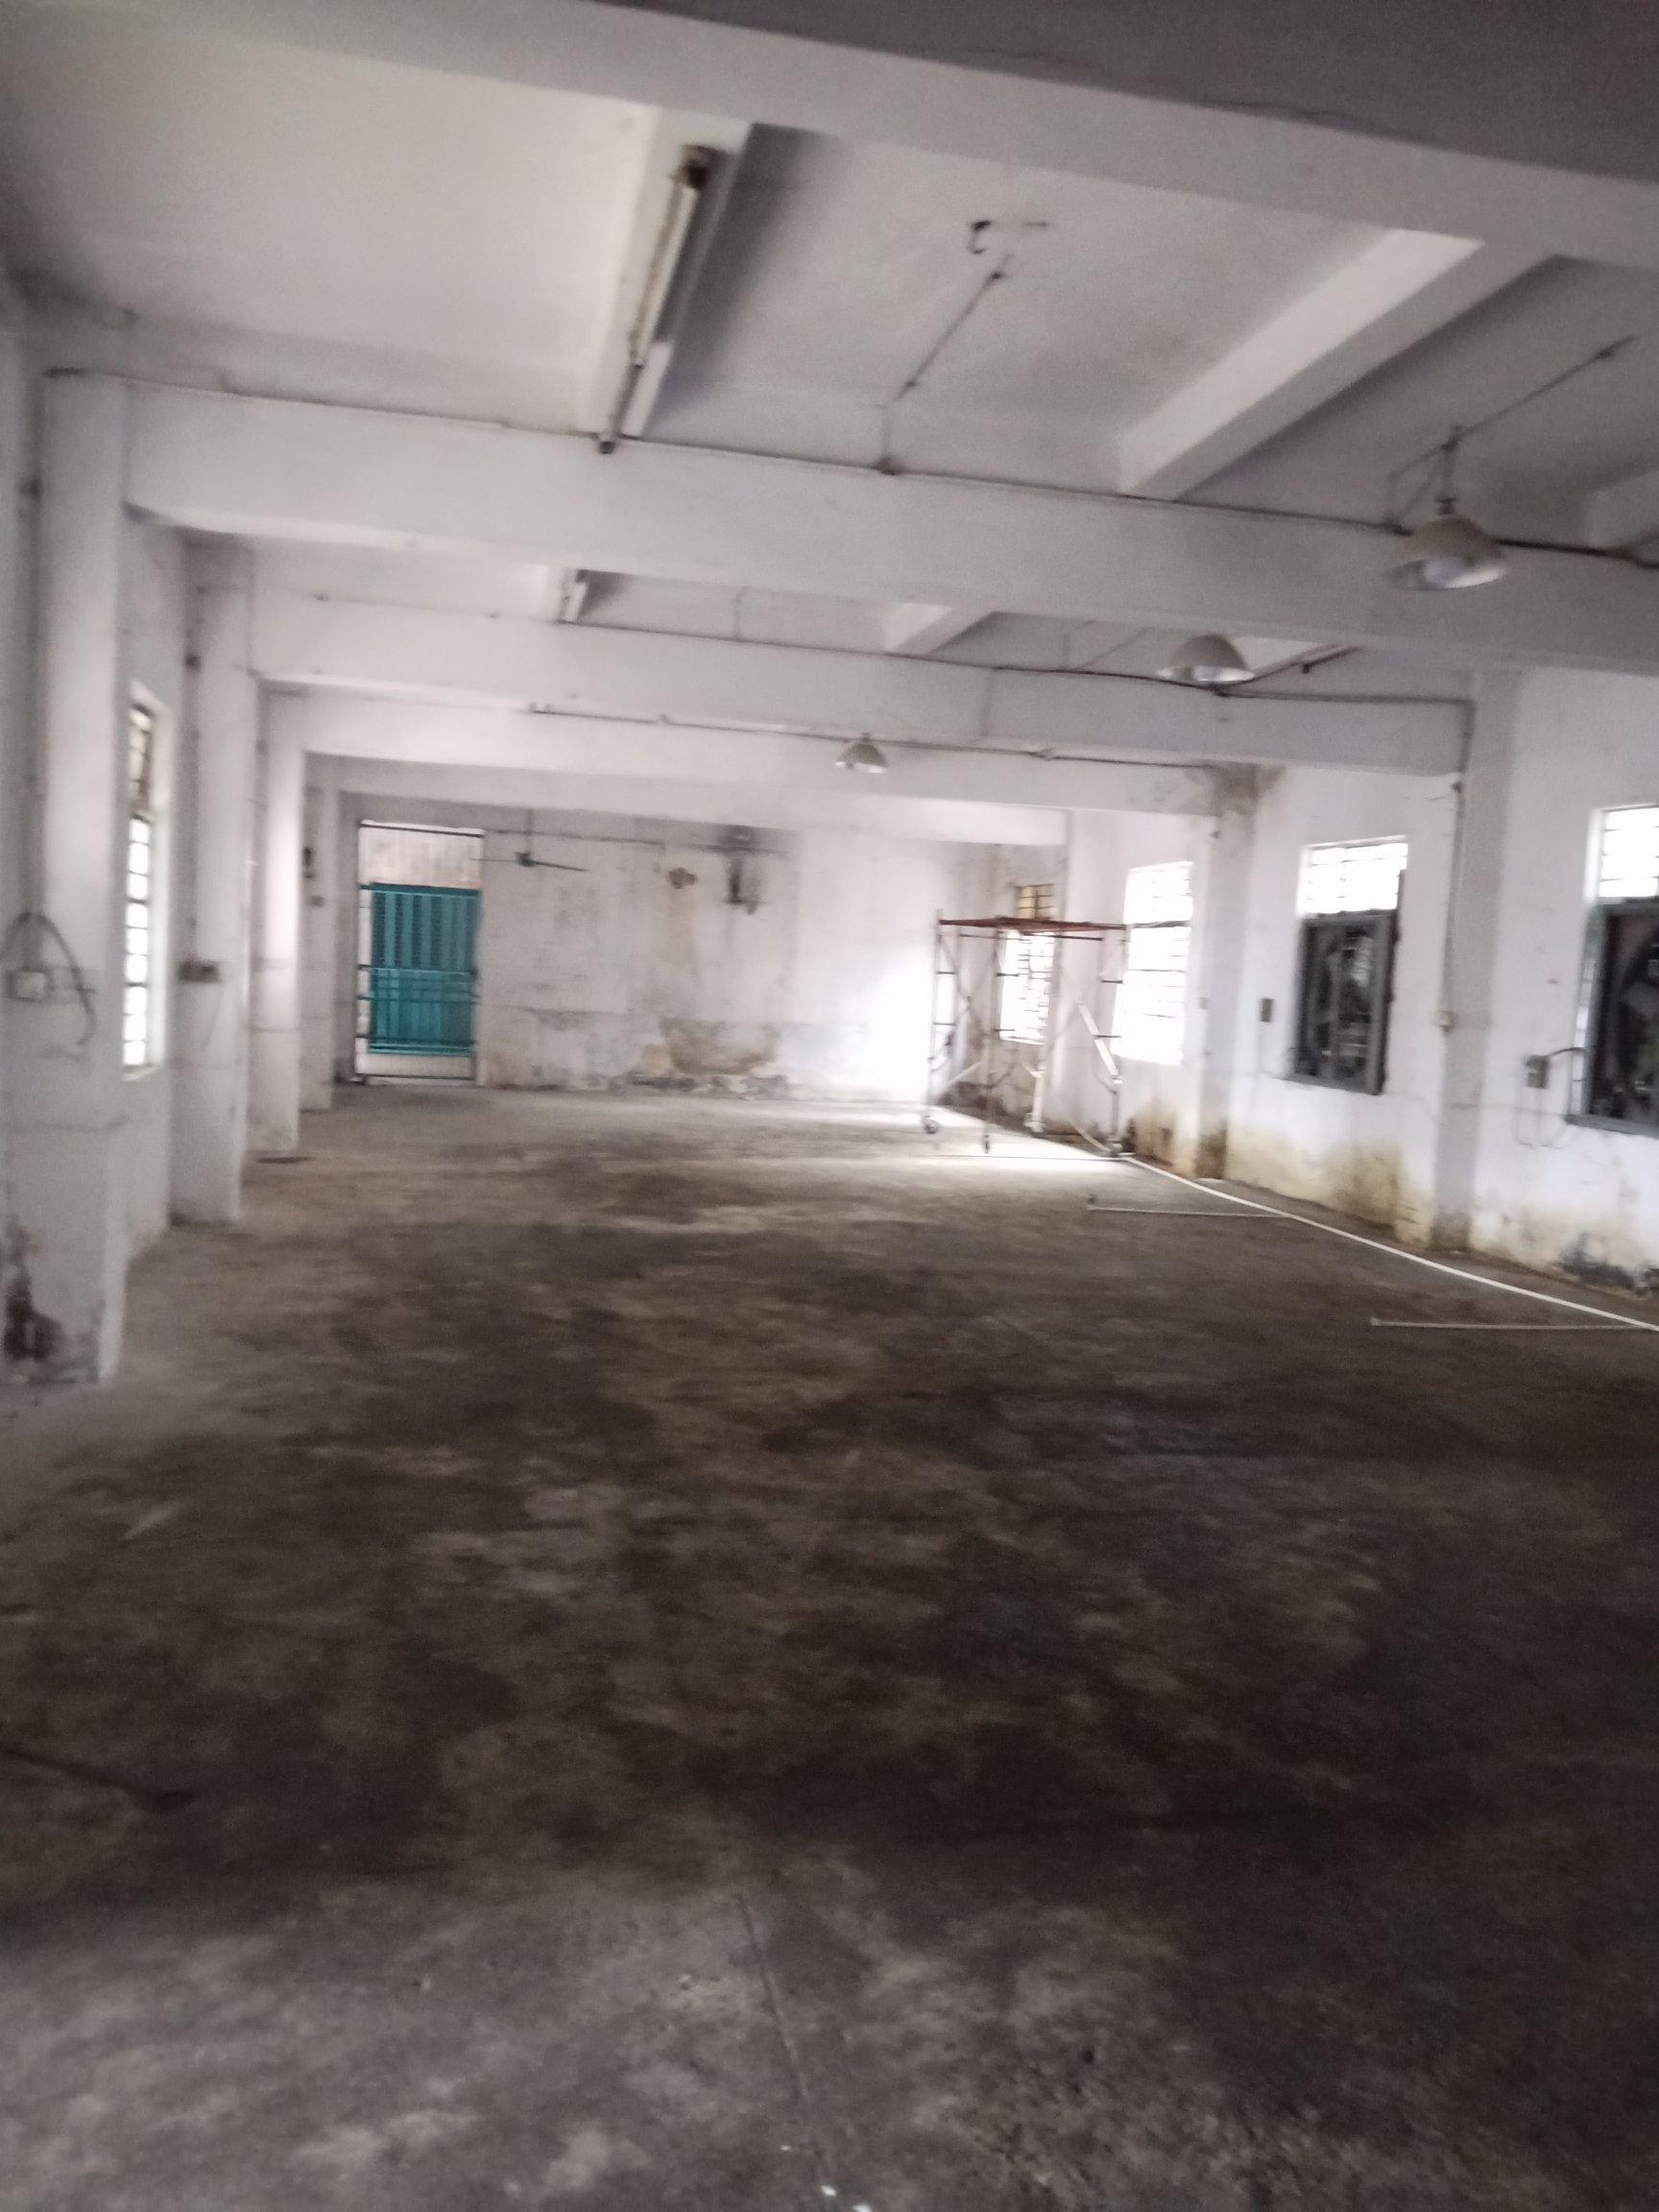 厚街镇白濠工业园区一楼4○o厂房出租,可做五金,仓库。